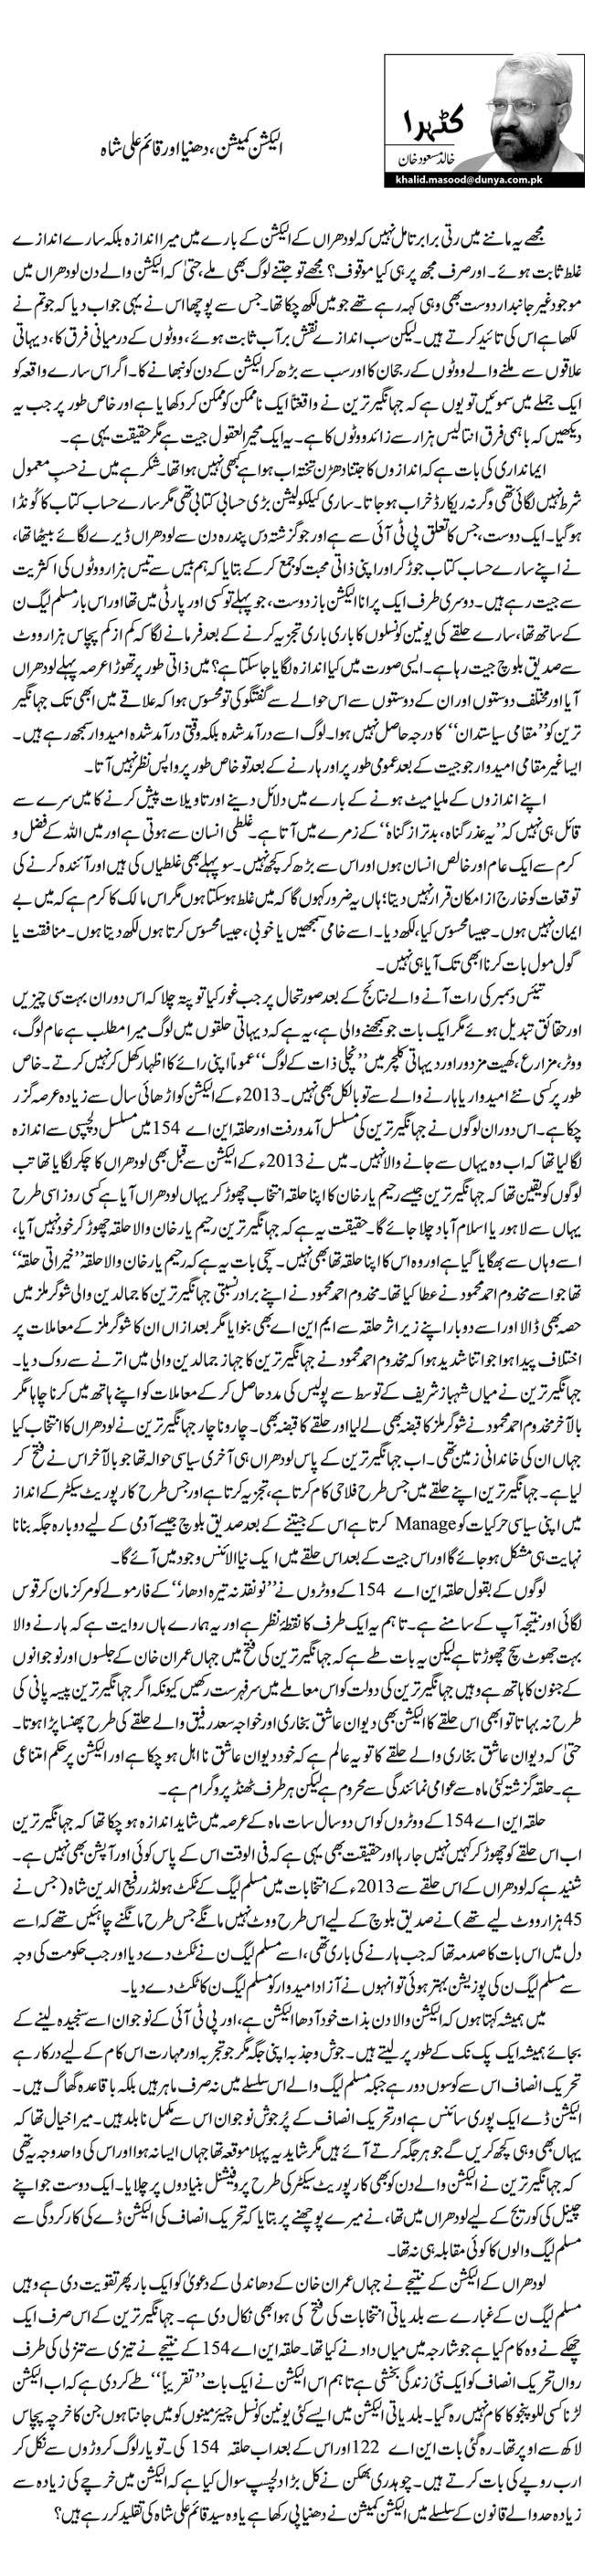 الیکشن کمیشن، دھنیا اور قائم علی شاہ